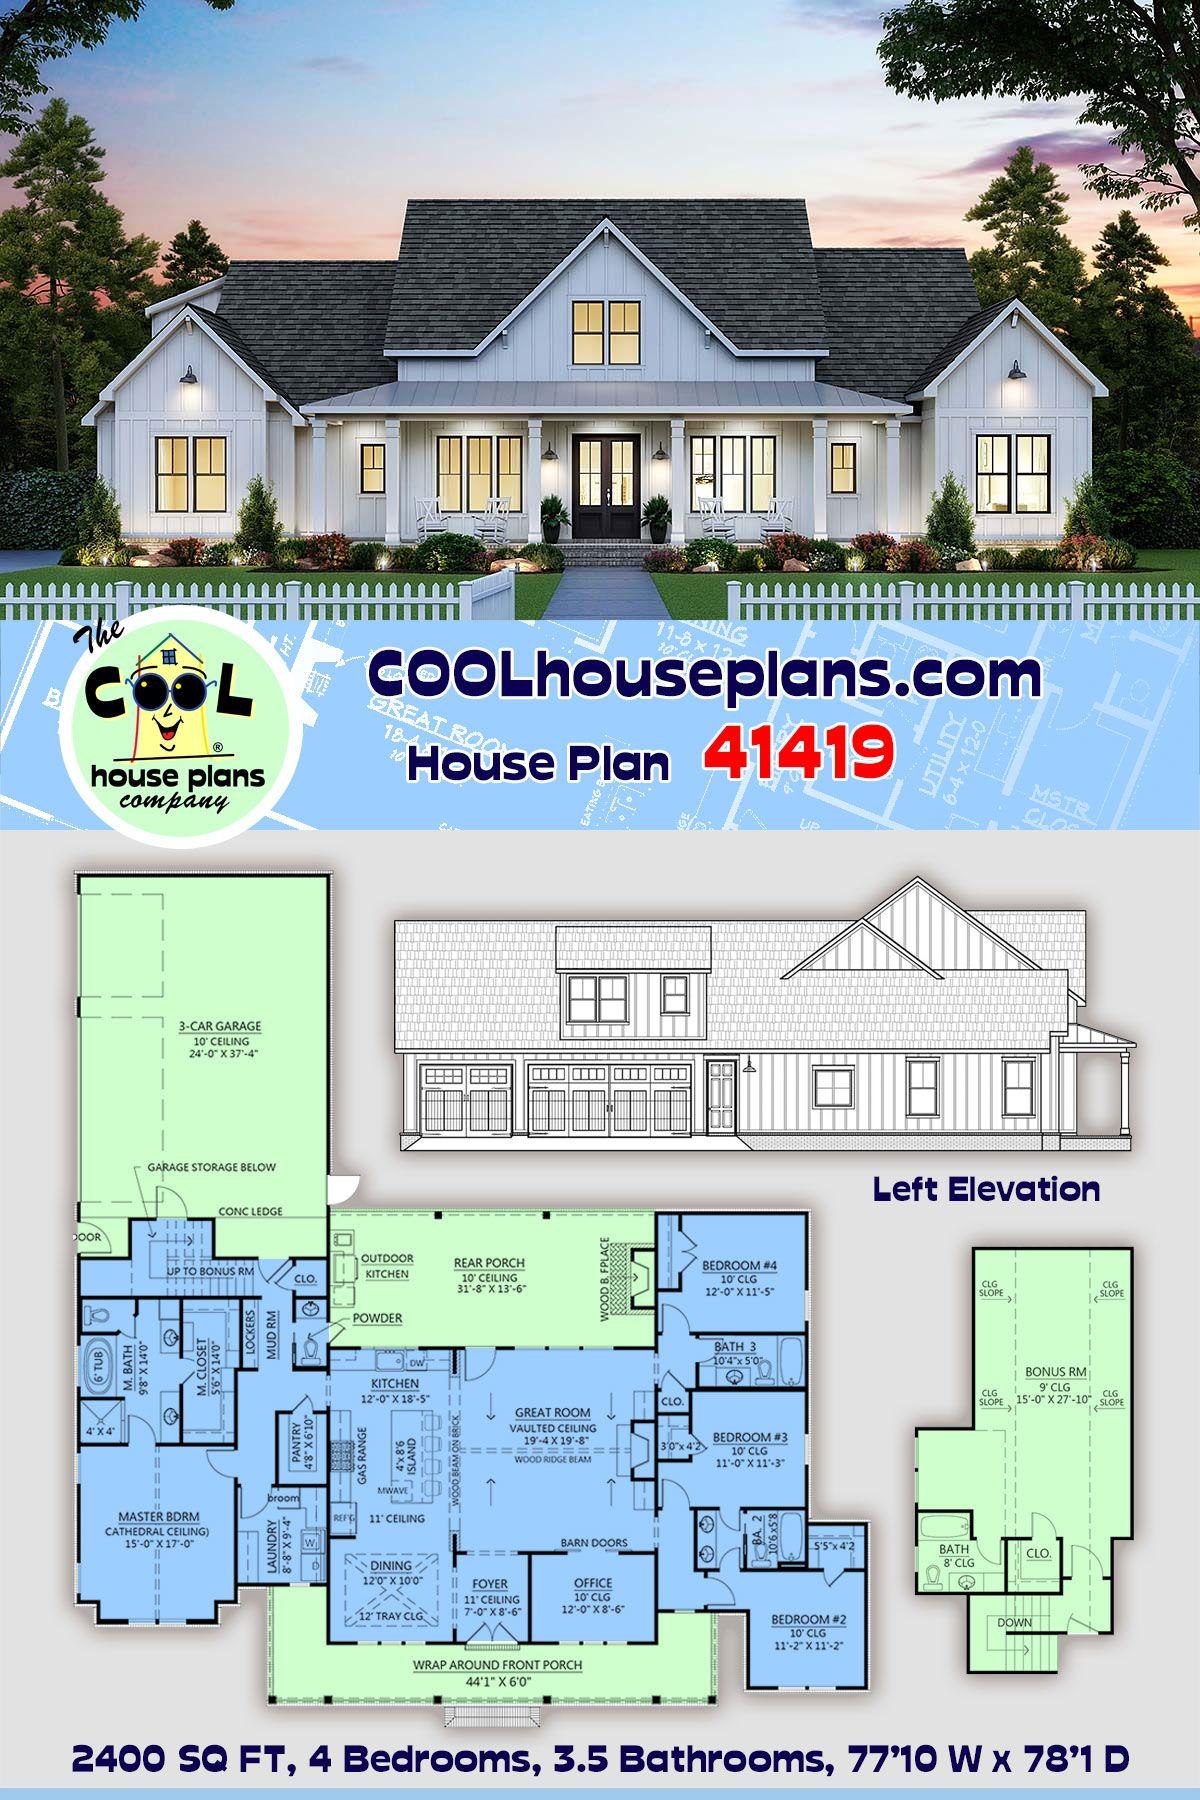 Farmhouse Style House Plan 41419 With 4 Bed 4 Bath 3 Car Garage In 2020 Affordable House Plans Farmhouse Style House Farmhouse Style House Plans